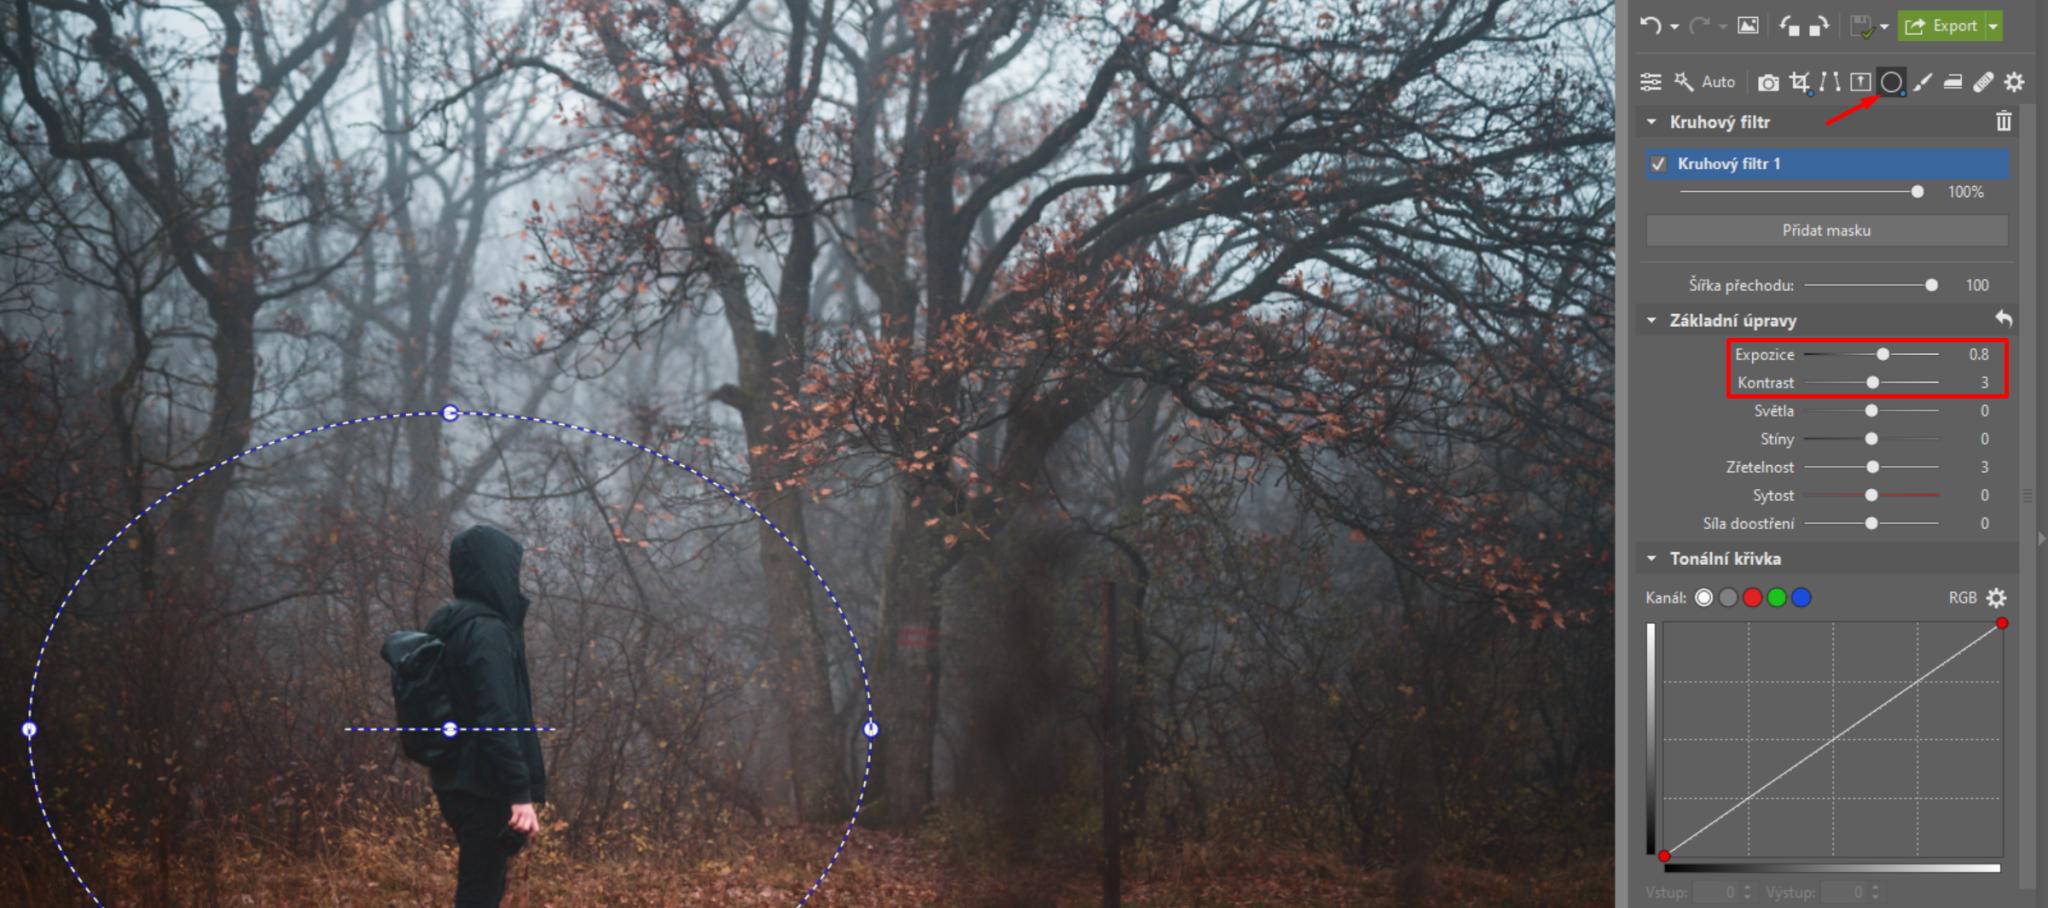 Fotografování v mlze: dostaňte do fotek ponurou atmosféru. Poradíme, jak na focení a úpravy